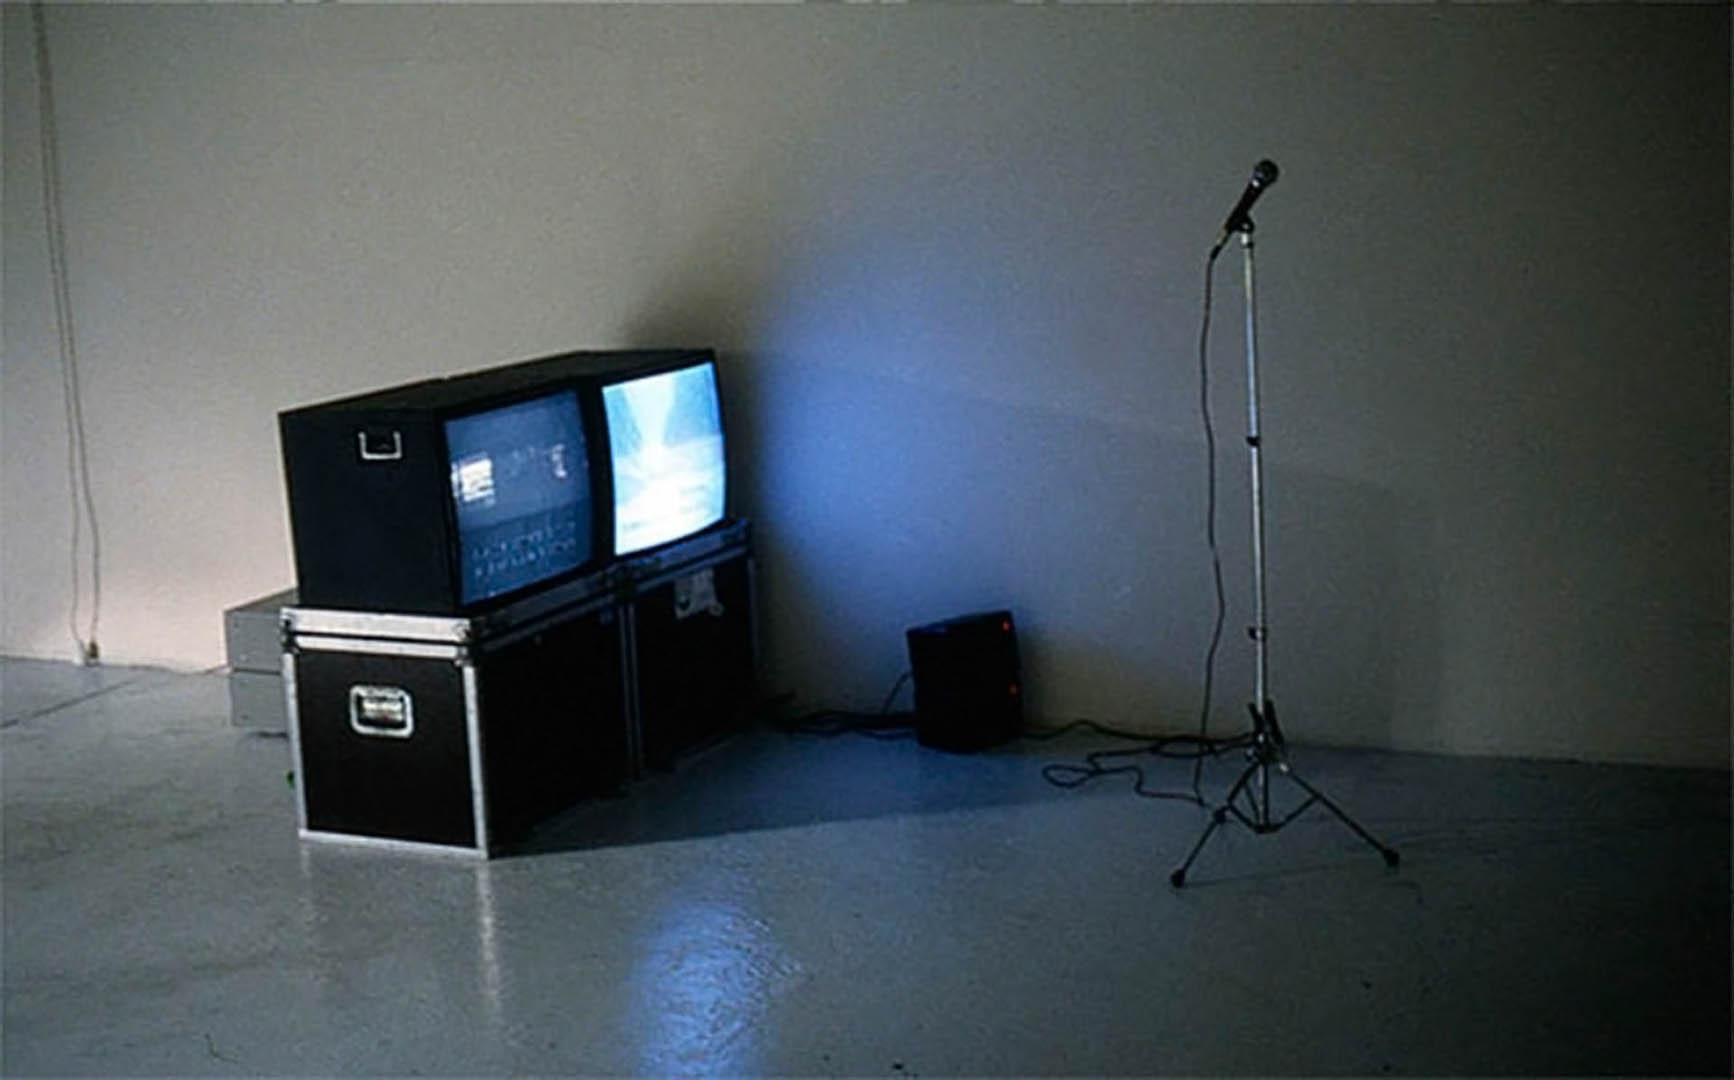 Karaoke Beuys 1998, Für die bessere Welt, Lothringer 13 Halle, München (D)